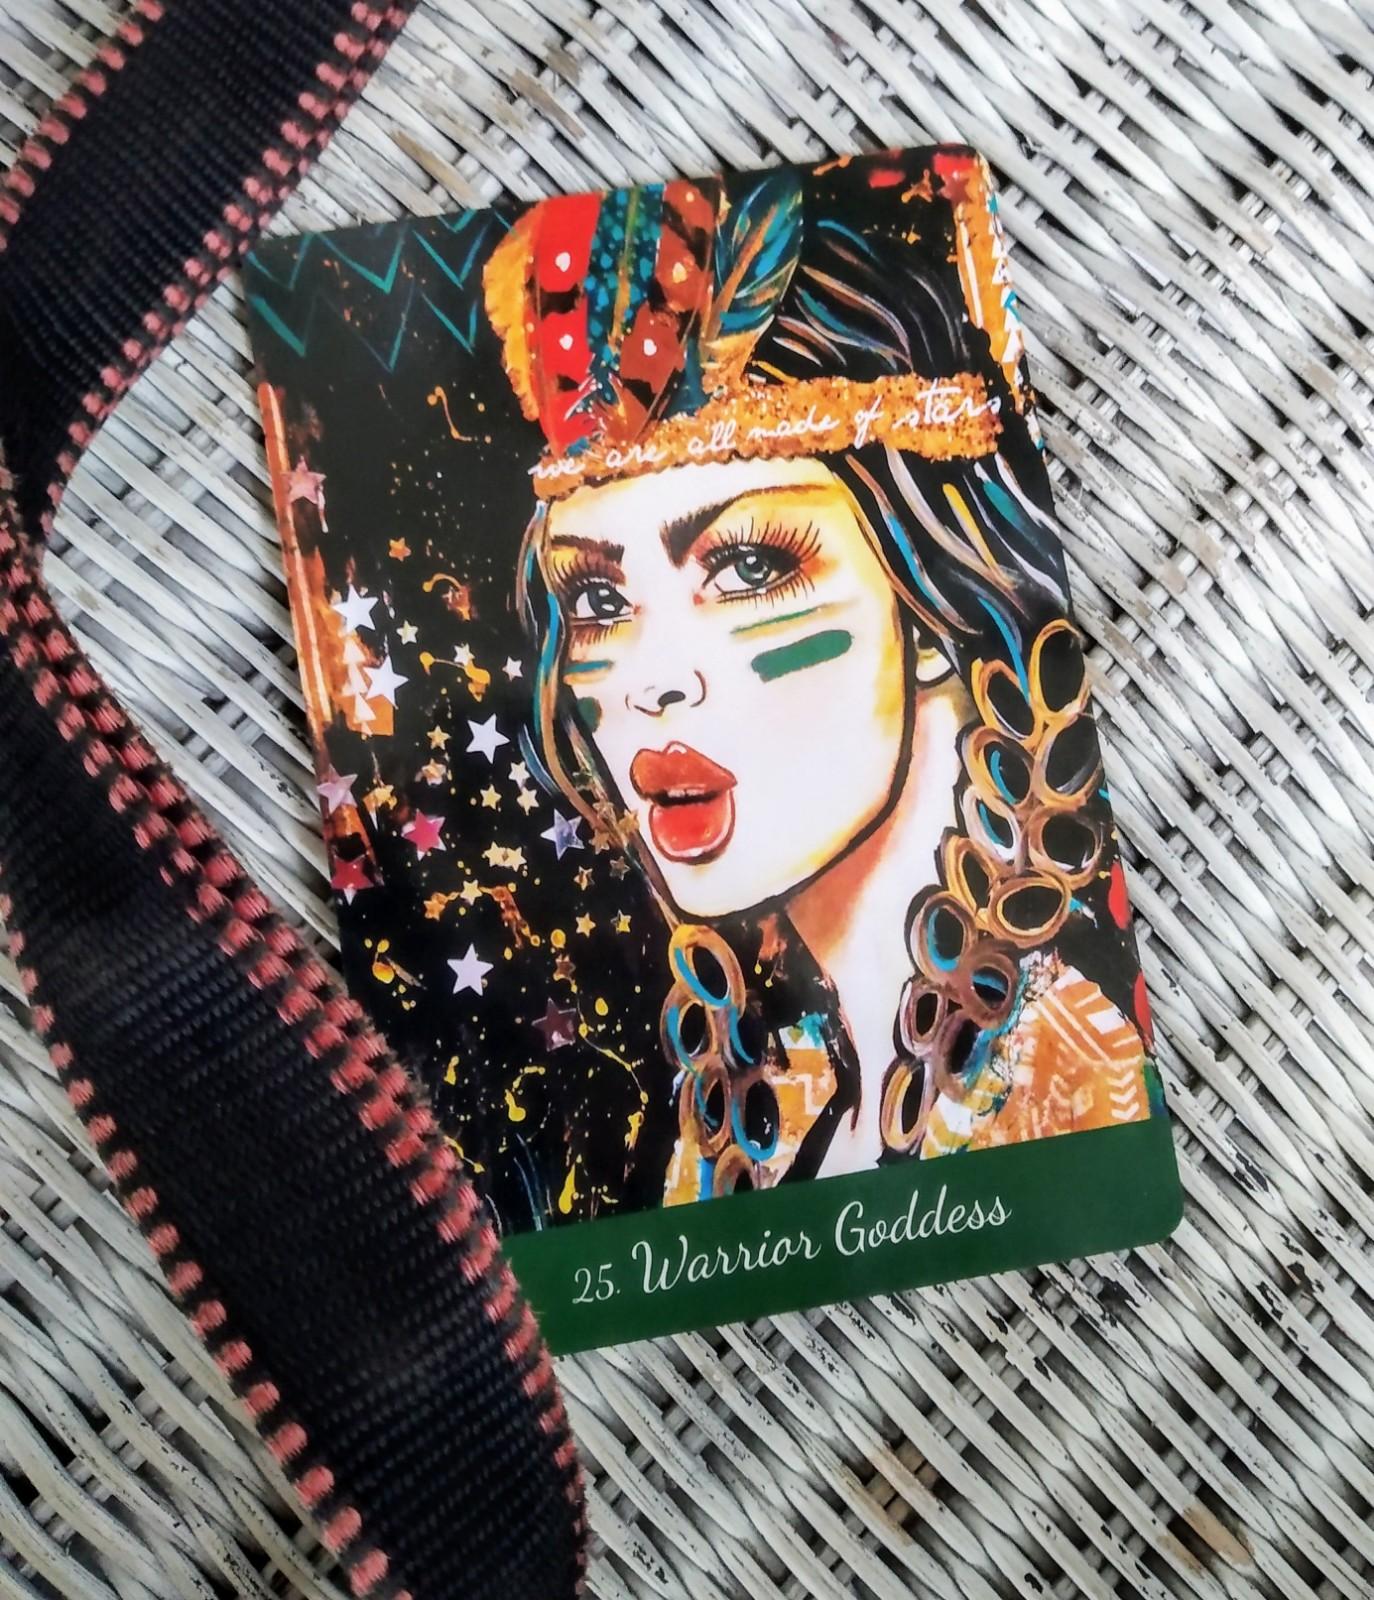 warrior goddess alana fairchid